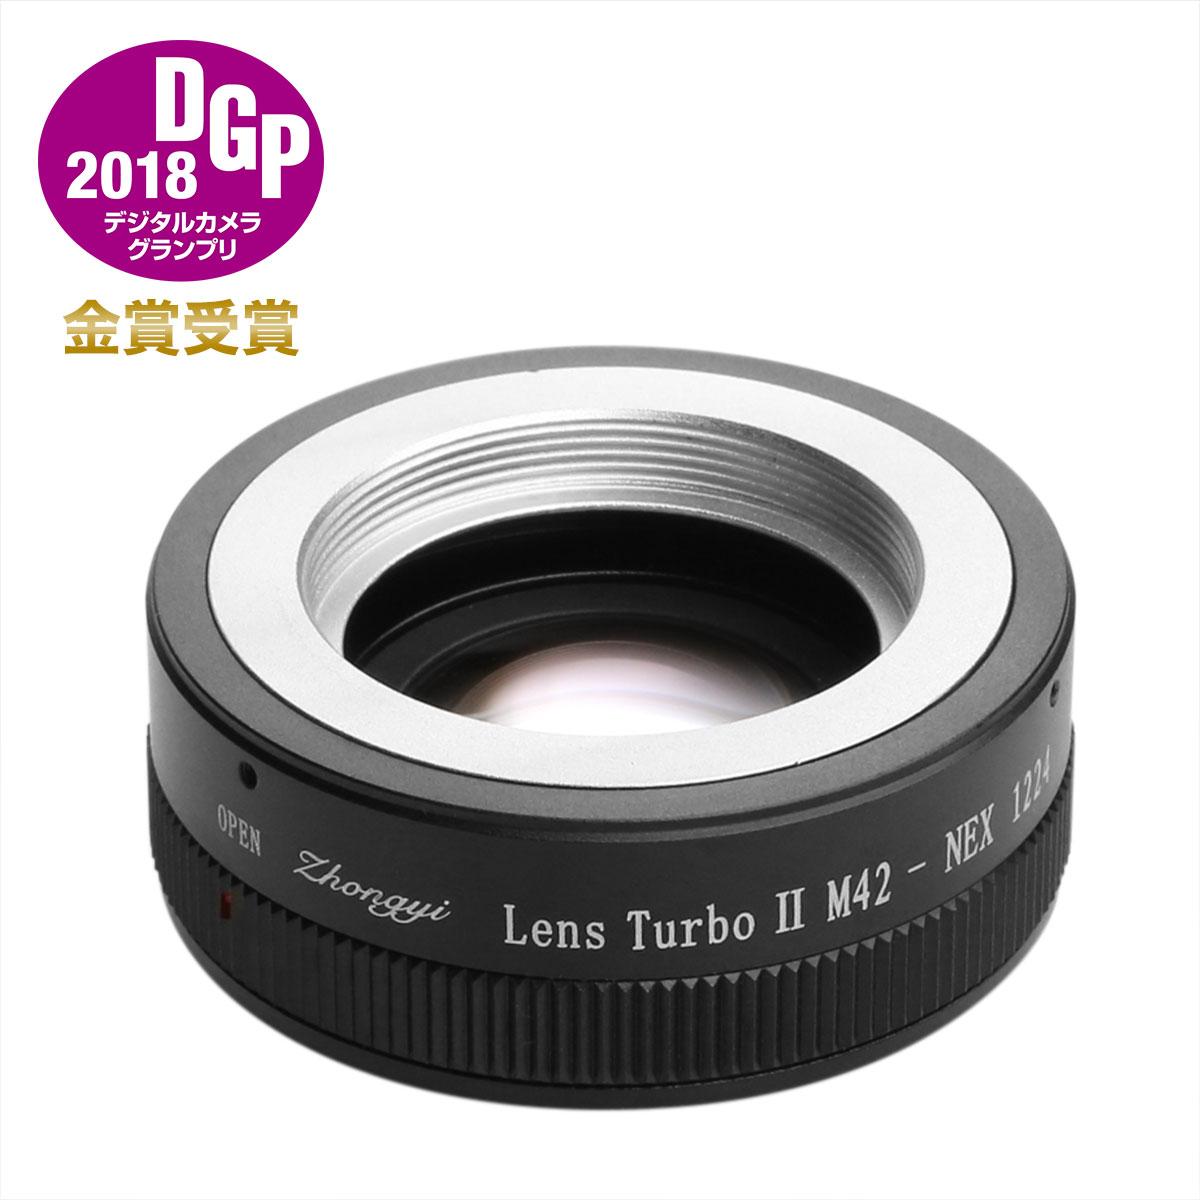 中一光学 Lens Turbo II M42-NEX M42マウントレンズ - ソニーNEX/α.Eマウント フォーカルレデューサーアダプター